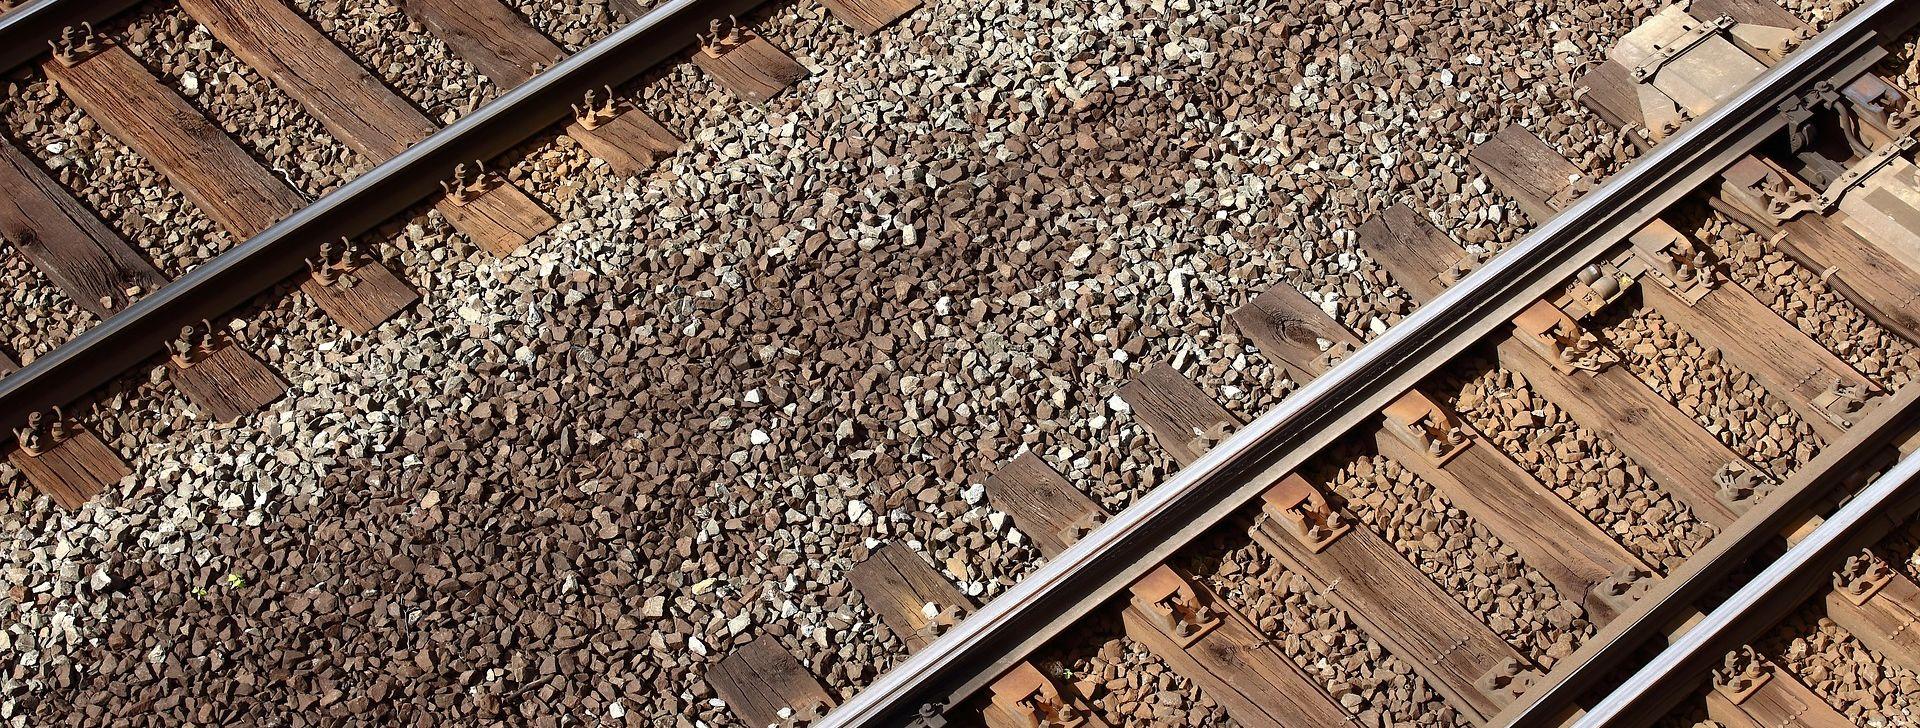 Prijevoz robe željeznicom i dalje raste